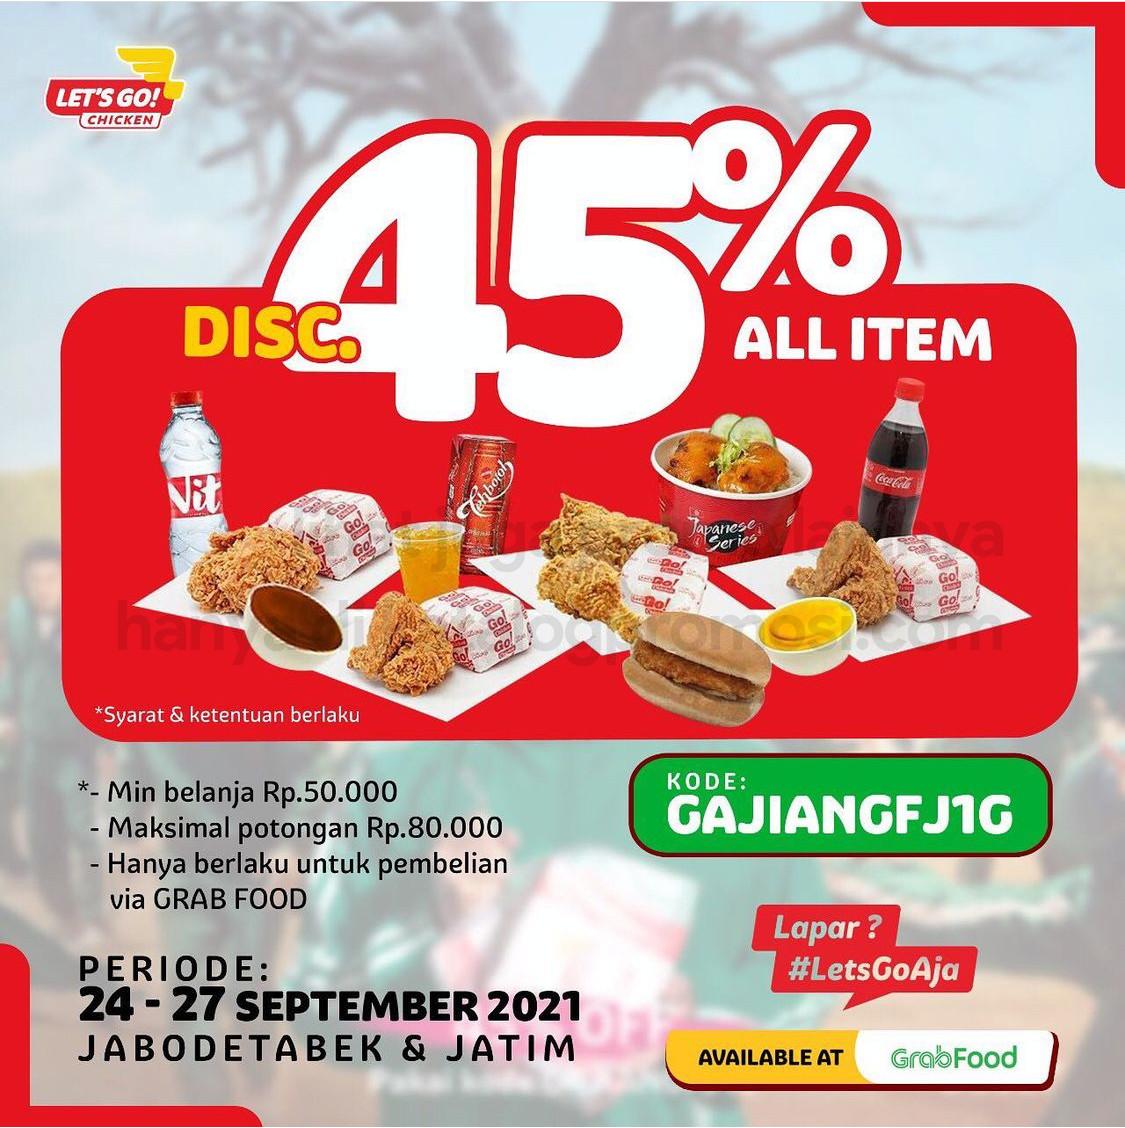 LET'S GO CHICKEN Promo GAJIAN - DISKON hingga 45% khusus pemesanan via GRABFOOD